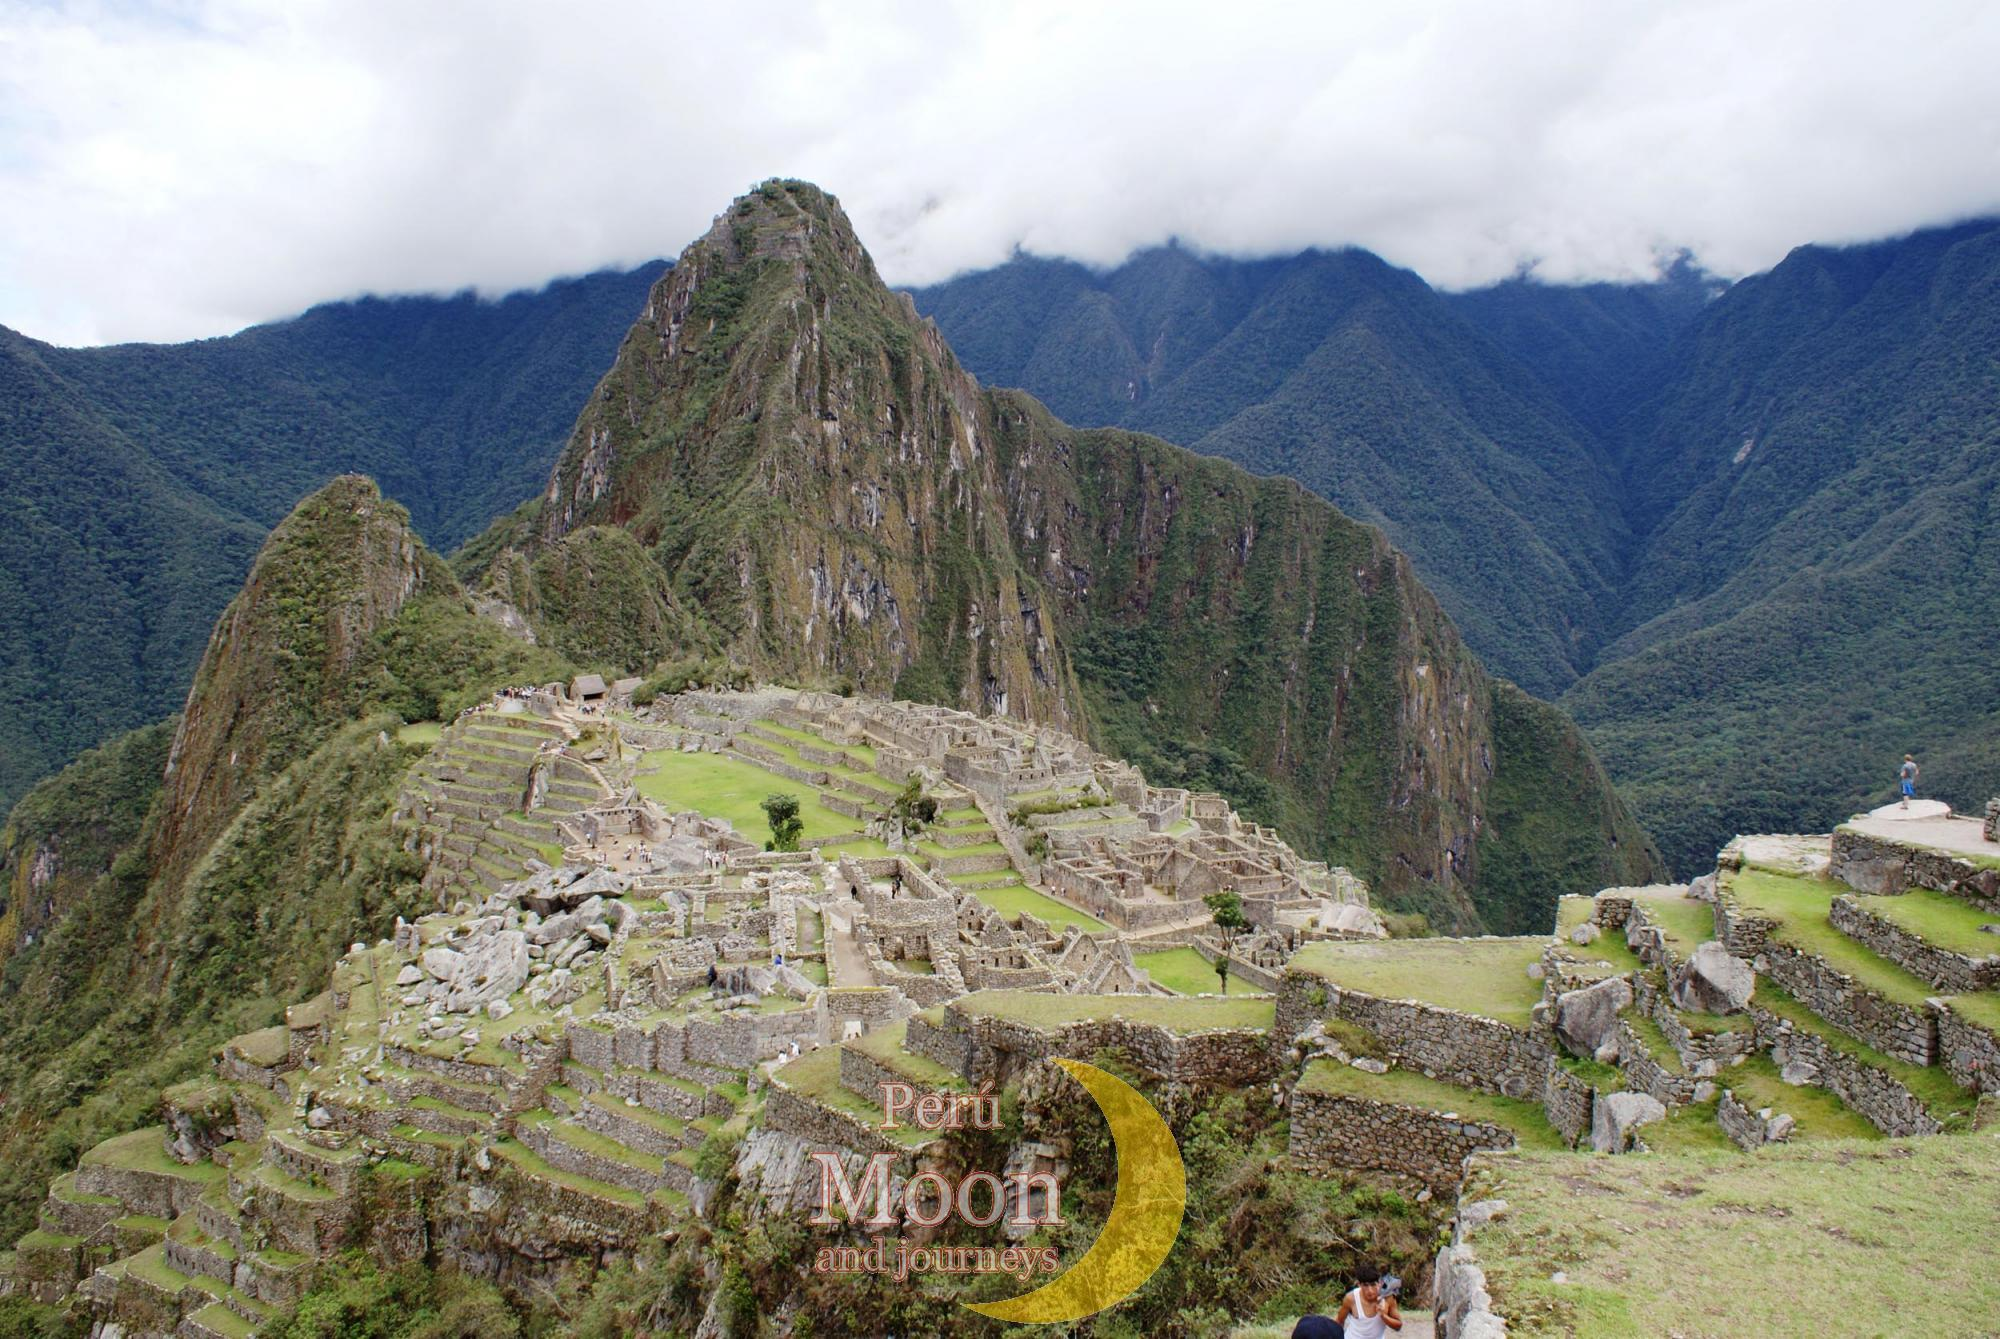 Peru Days Cuzco Machu Picchu - How far is machu picchu from lima